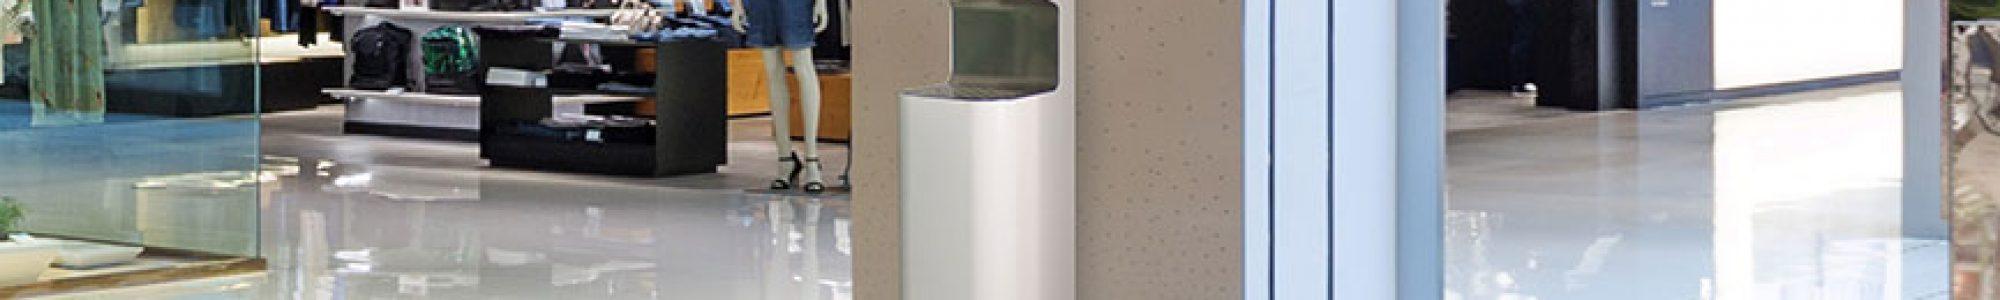 aula käsidesiautomaatti